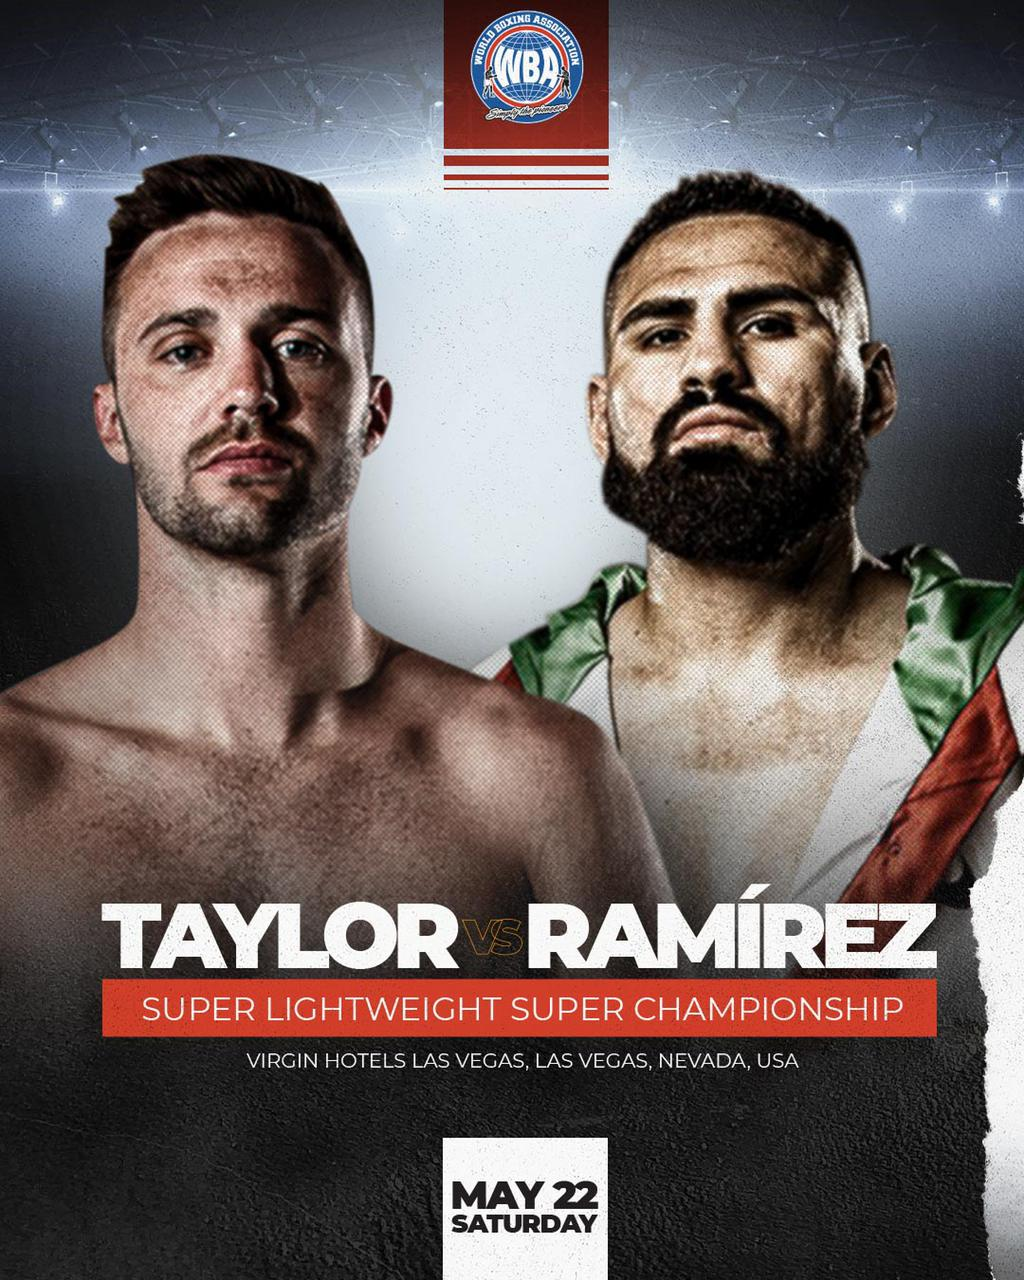 Taylor-Ramírez pelearán por el trono de peso súper ligero